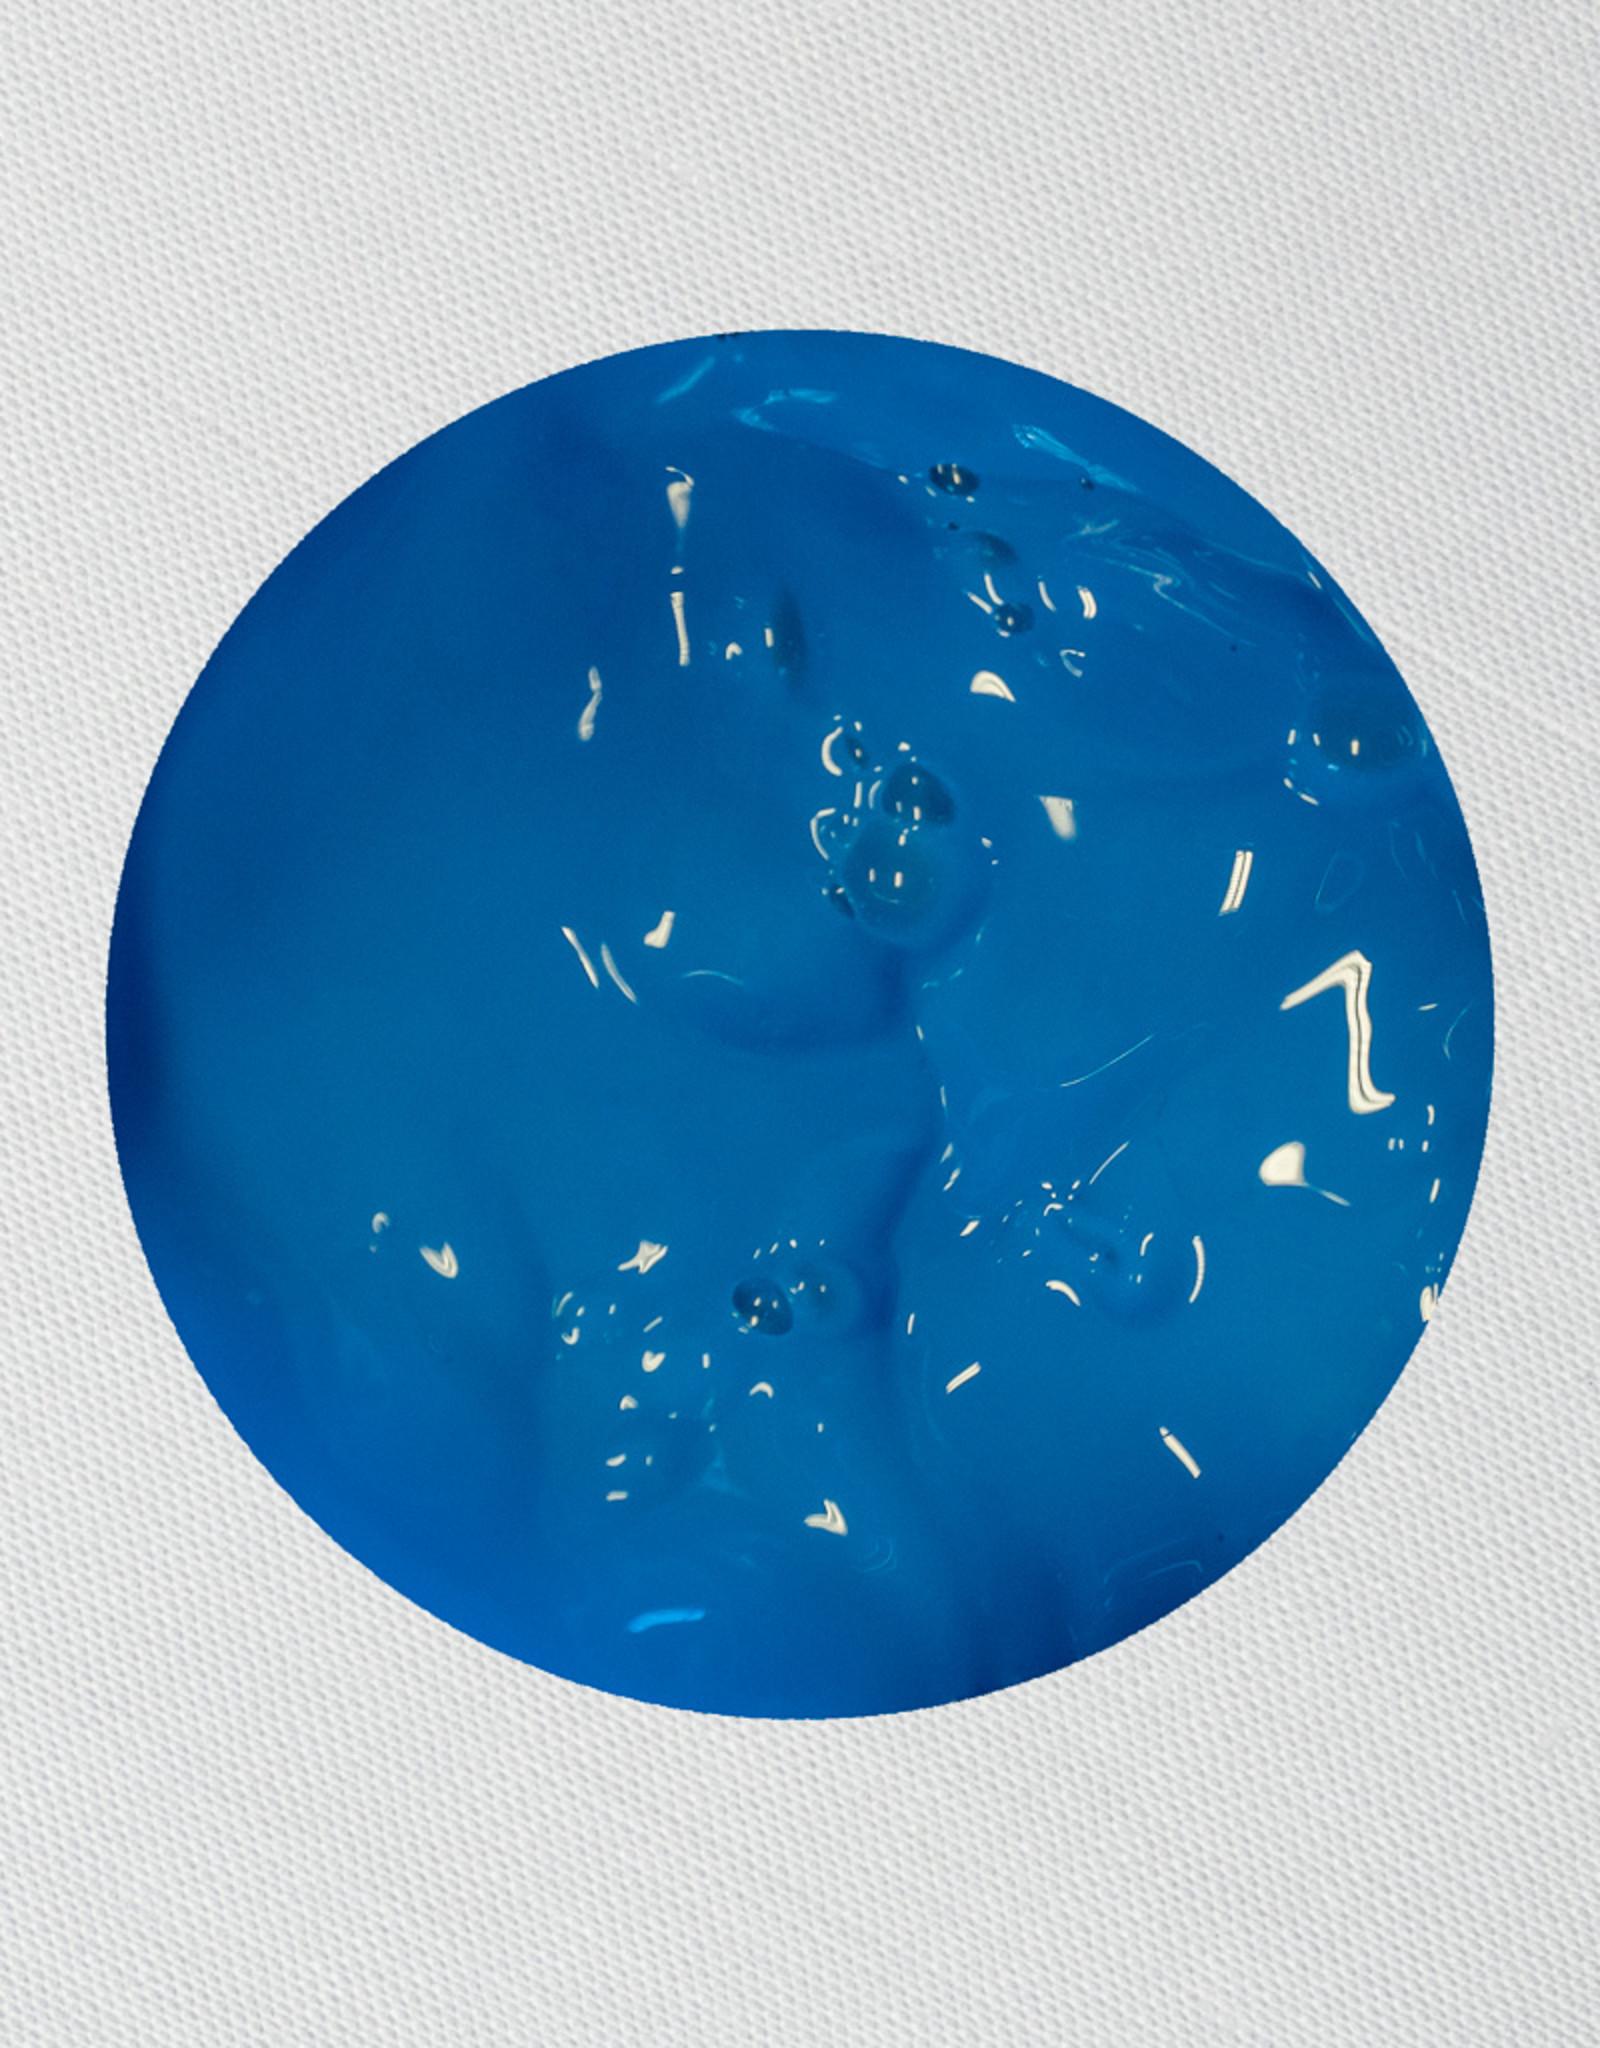 Trapsuutjies Hemelsblauw